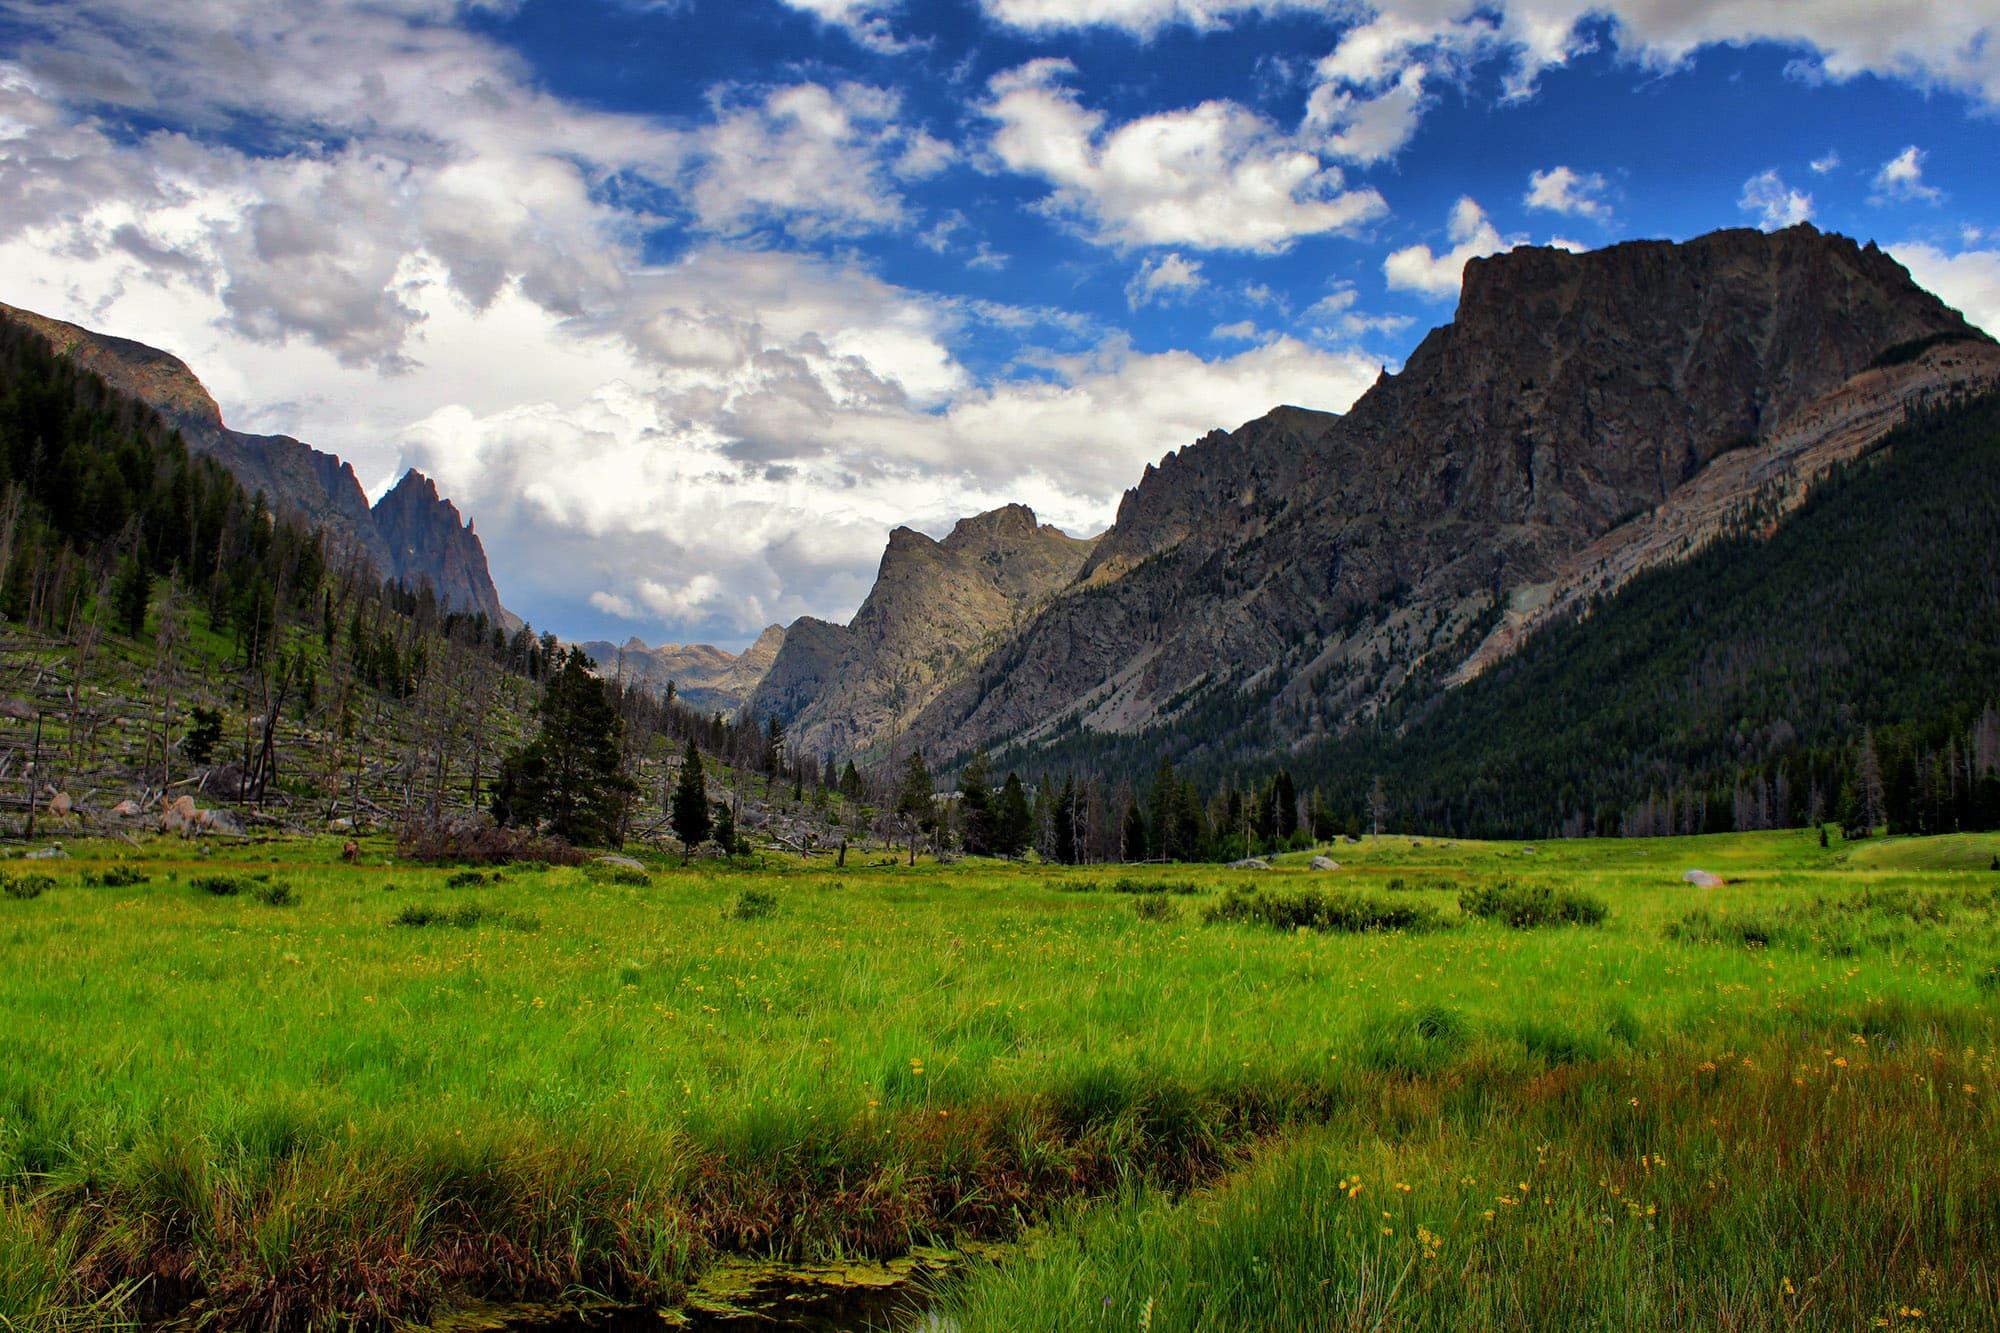 Osborn Mountain is on the left